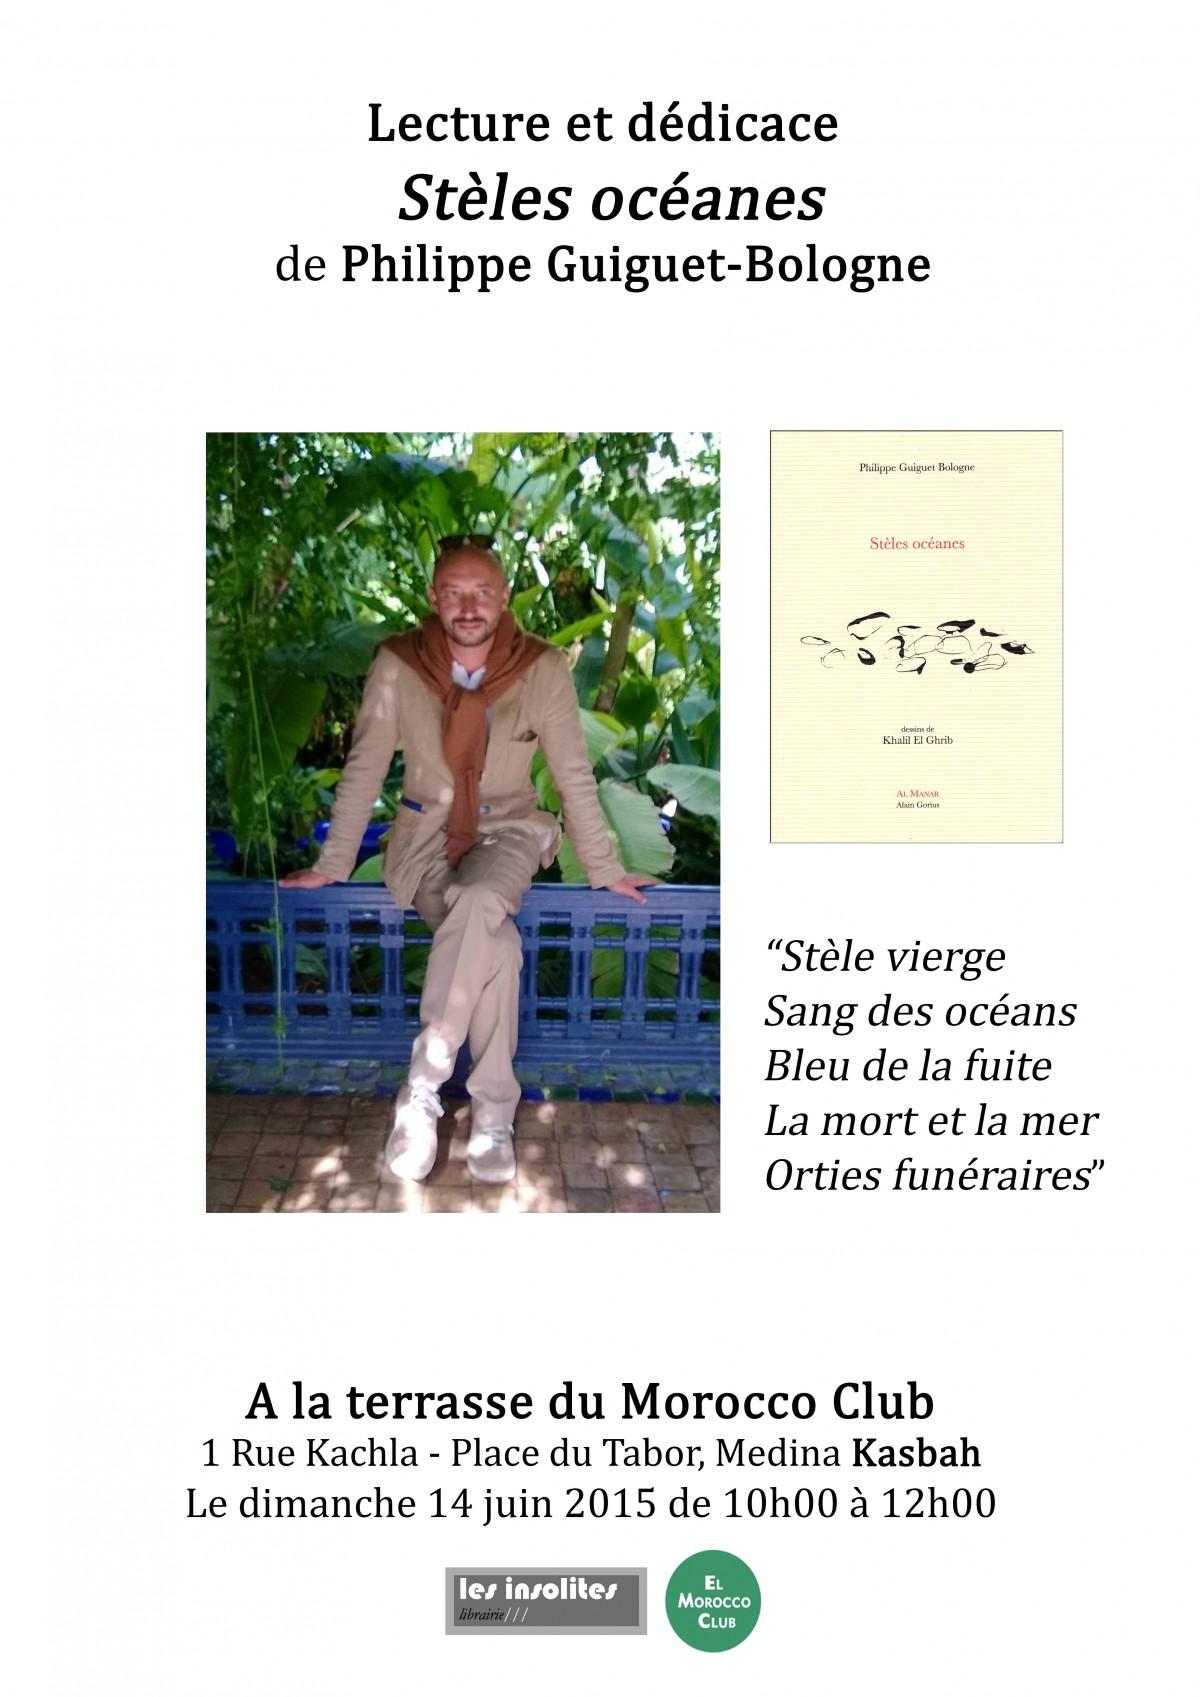 Lecture de Stèles océanes au Morocco Club de Tanger par Delphine Mélèze, 14 juin 2015 - Philippe Guiguet Bologne